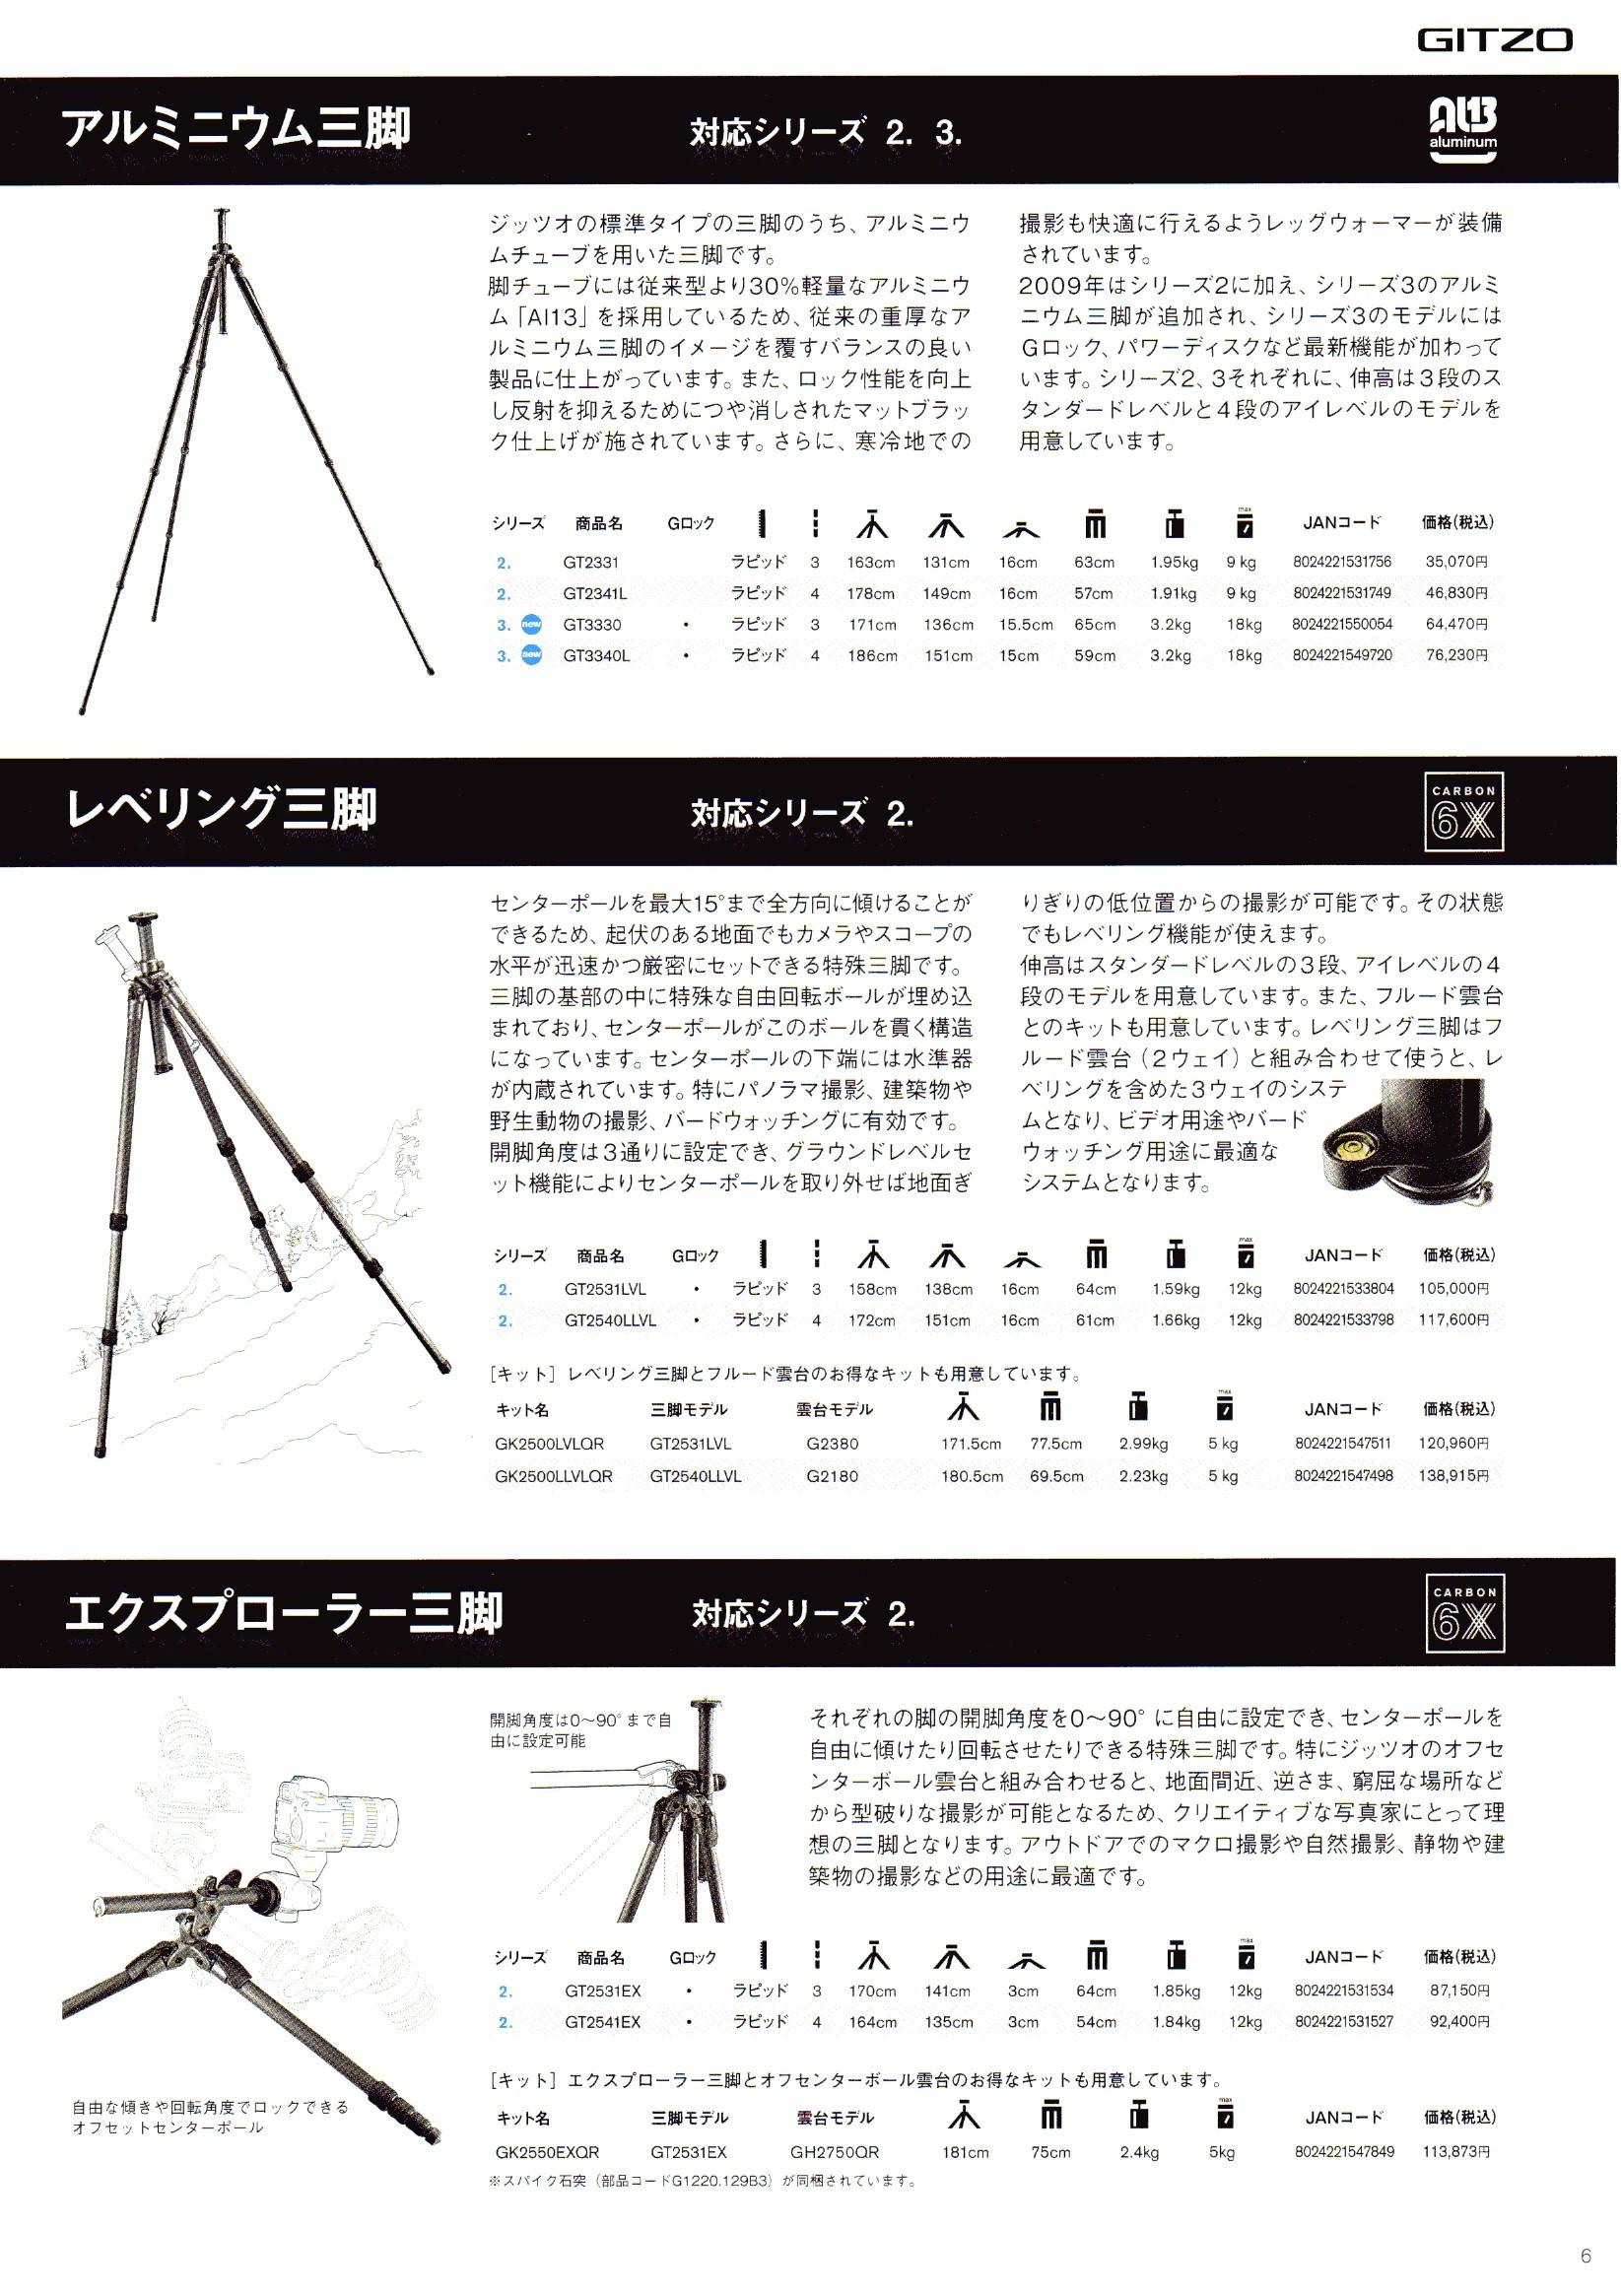 デジタル一眼レフカメラ比較・選び方入門 デジ一.com GITZO(ジッツオ/ジッツォ)最新カタログ P006(三脚)